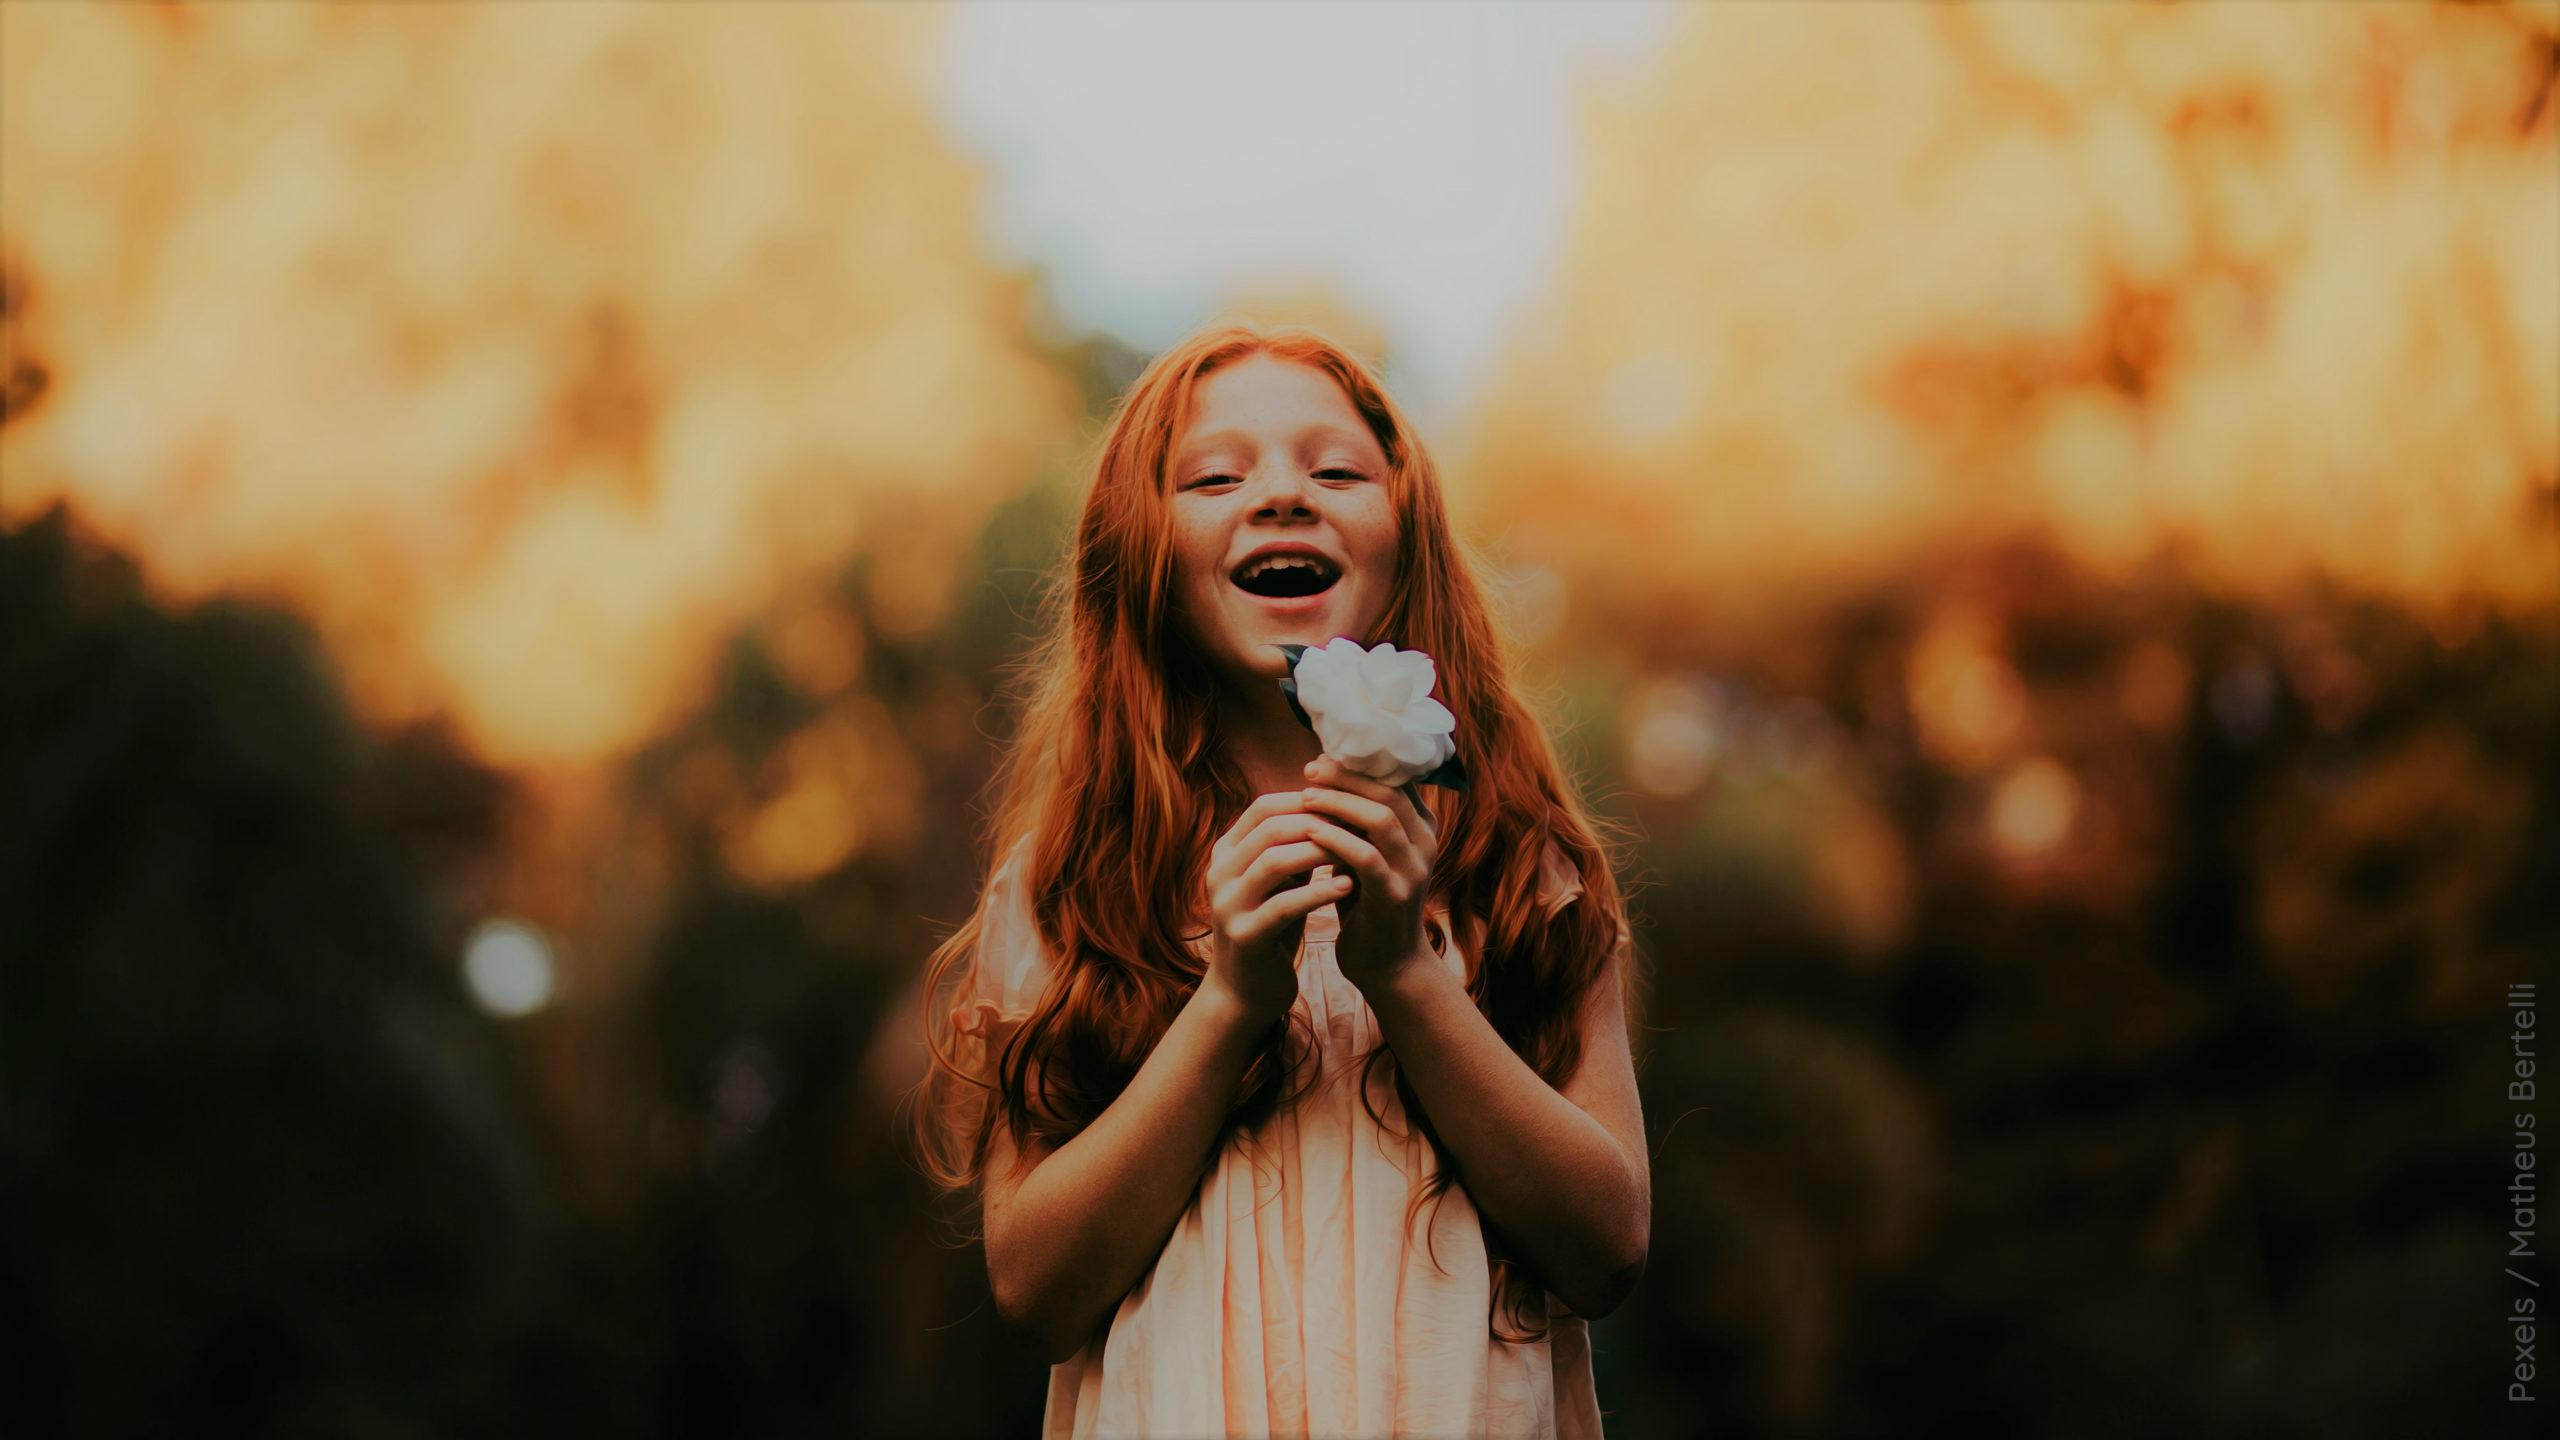 Kind mit einer weissen Blume HIntergrund ist unscharf